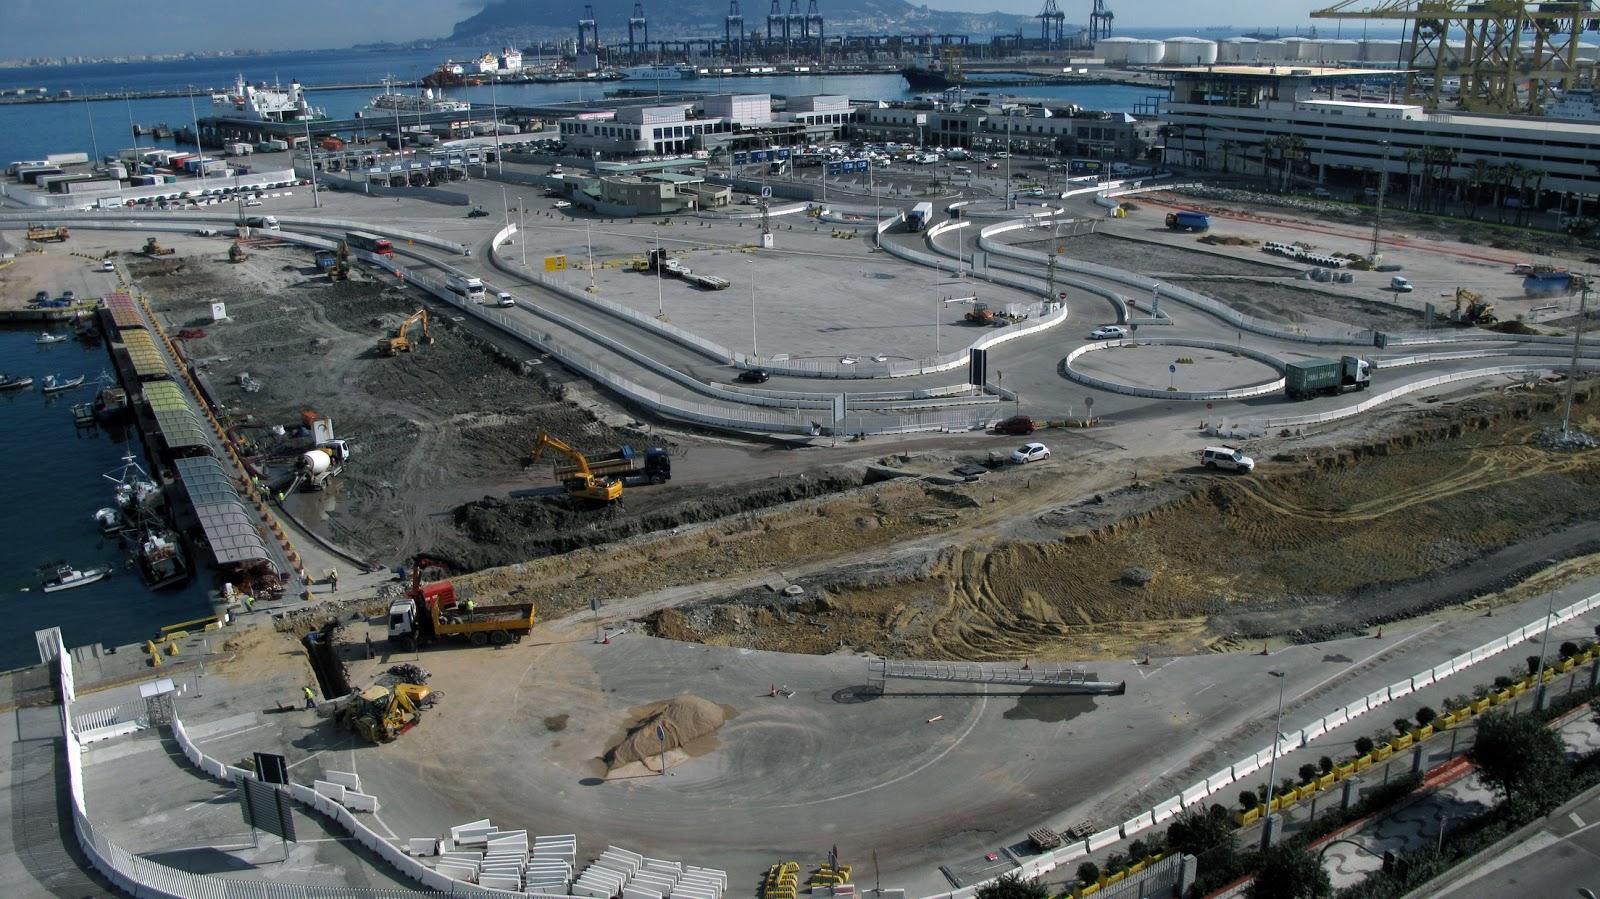 Puerto bah a de algeciras blog el puerto de algeciras inmerso en un intenso periodo de obras - Puerto de algeciras hoy ...